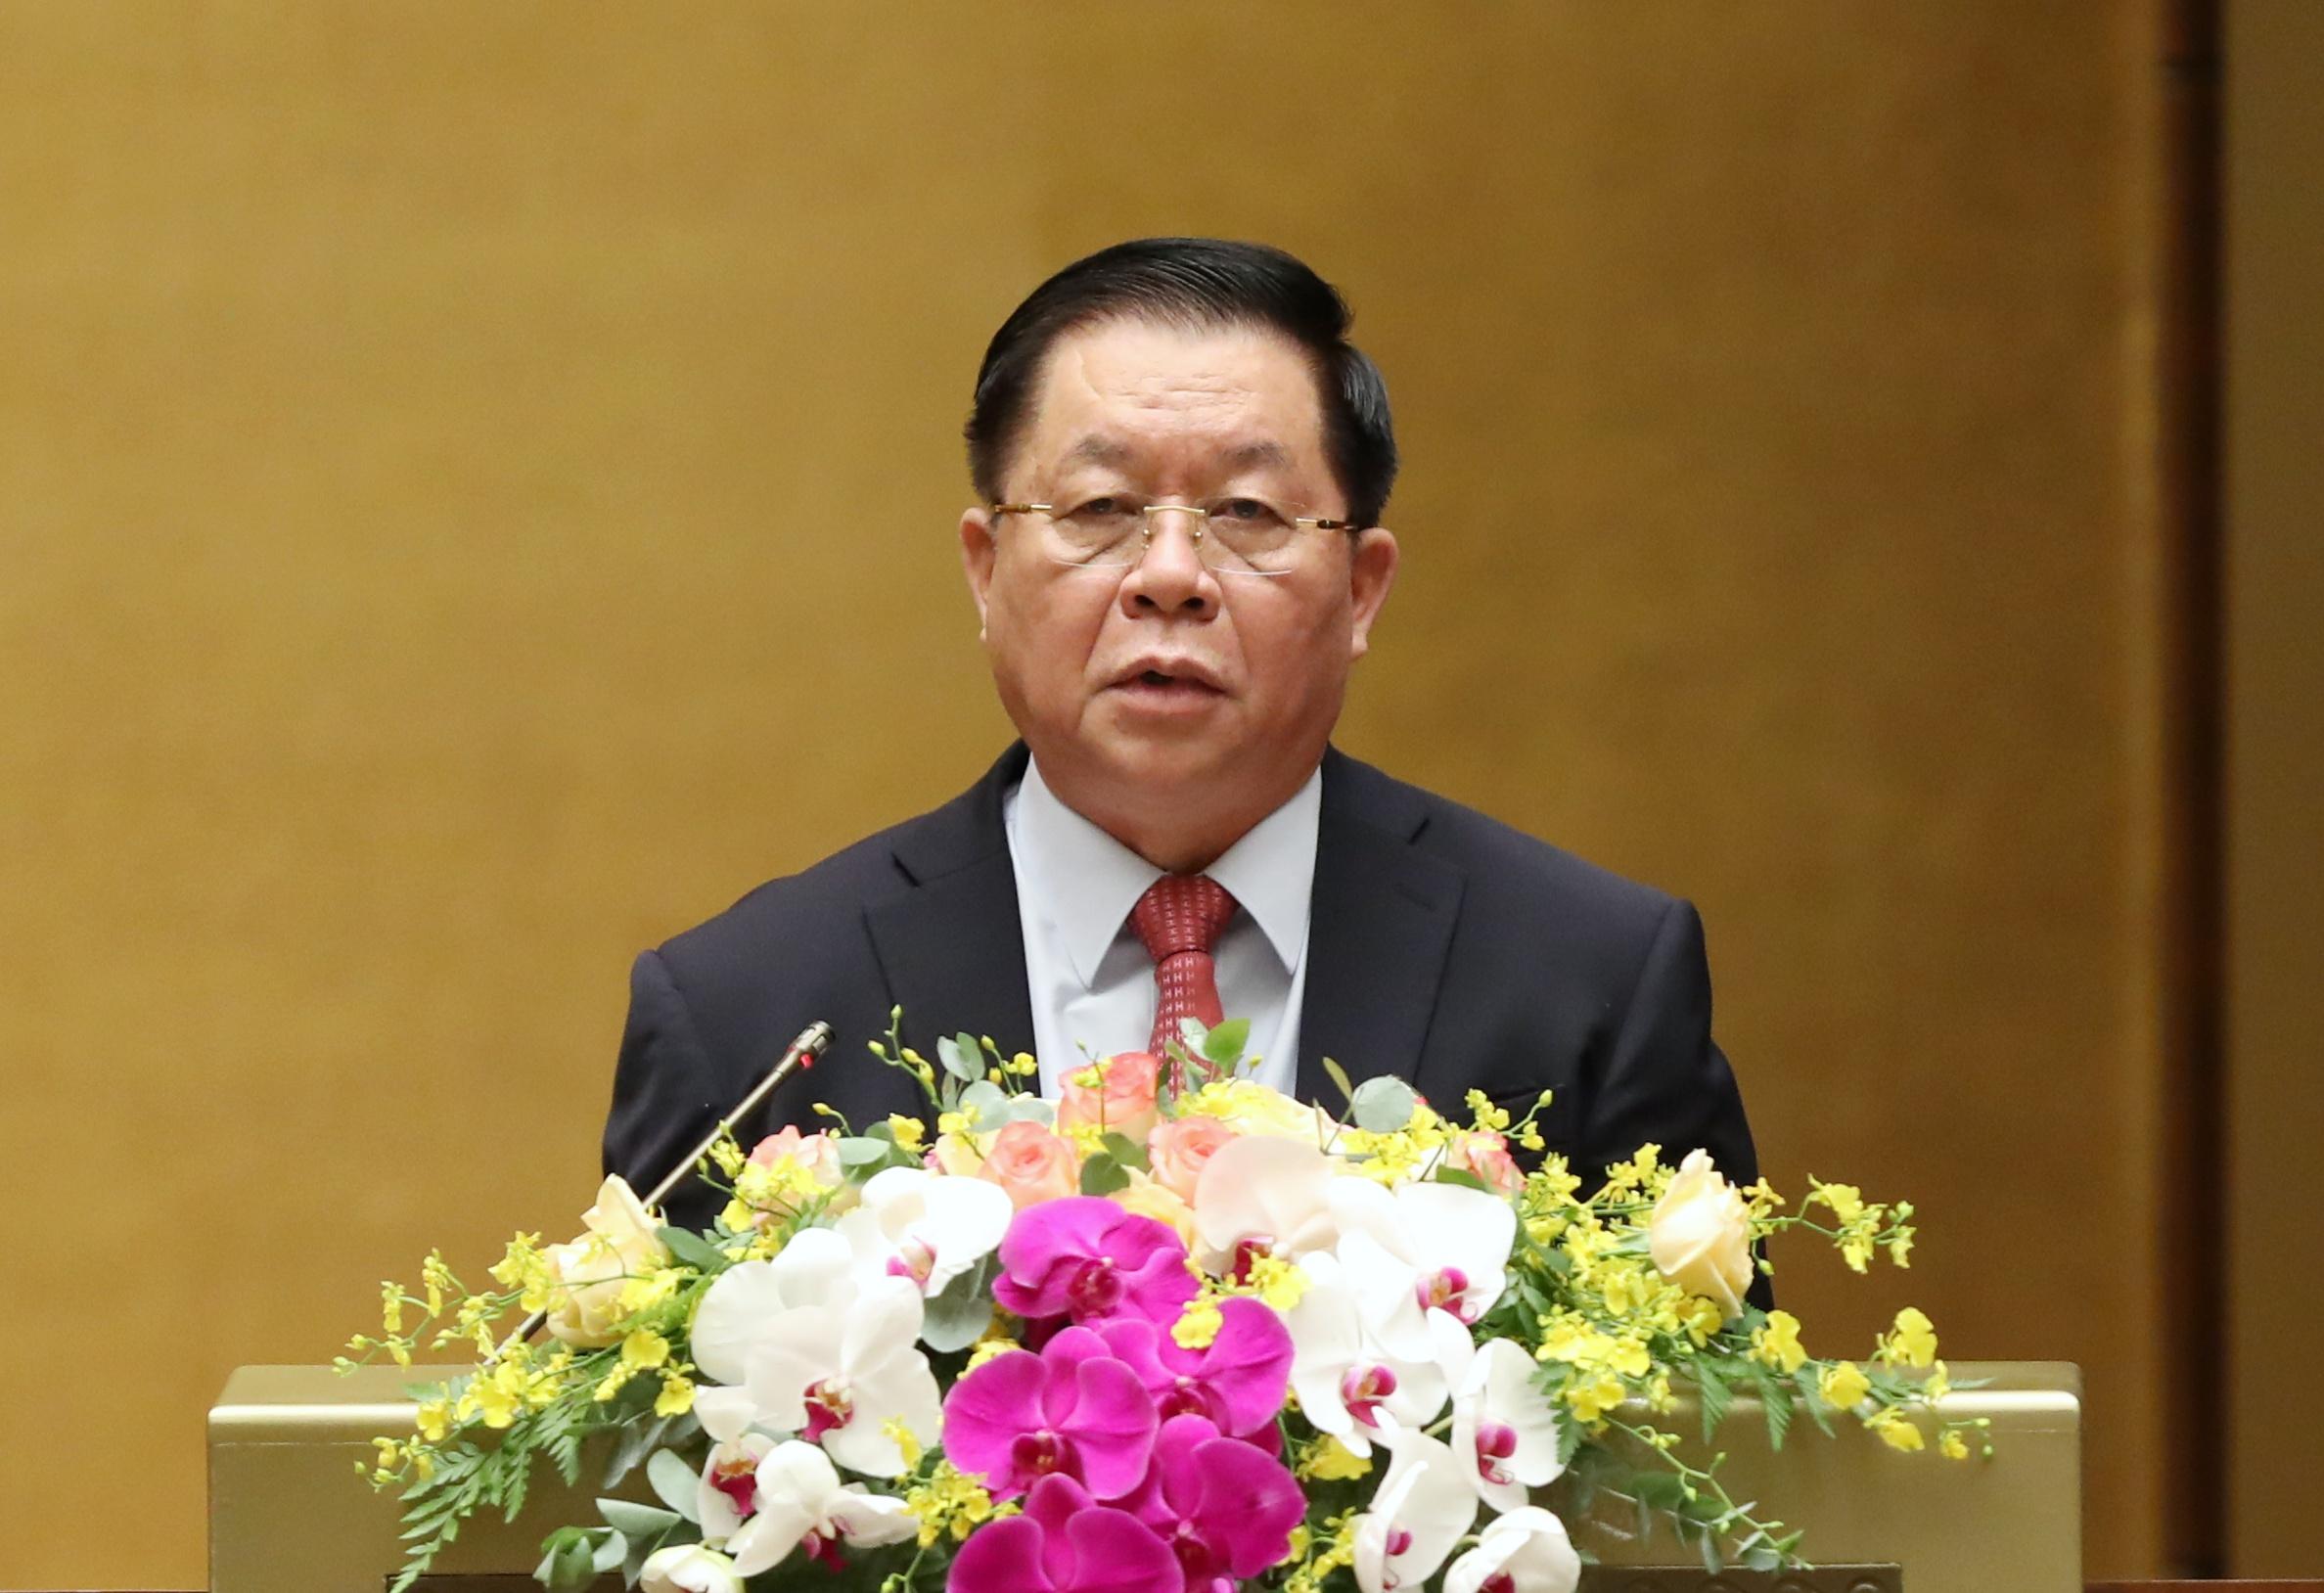 Trưởng Ban Tuyên giáo Trung ương Nguyễn Trọng Nghĩa phát biểu khai mạc Hội nghị. Ảnh: VGP/Nhật Bắc